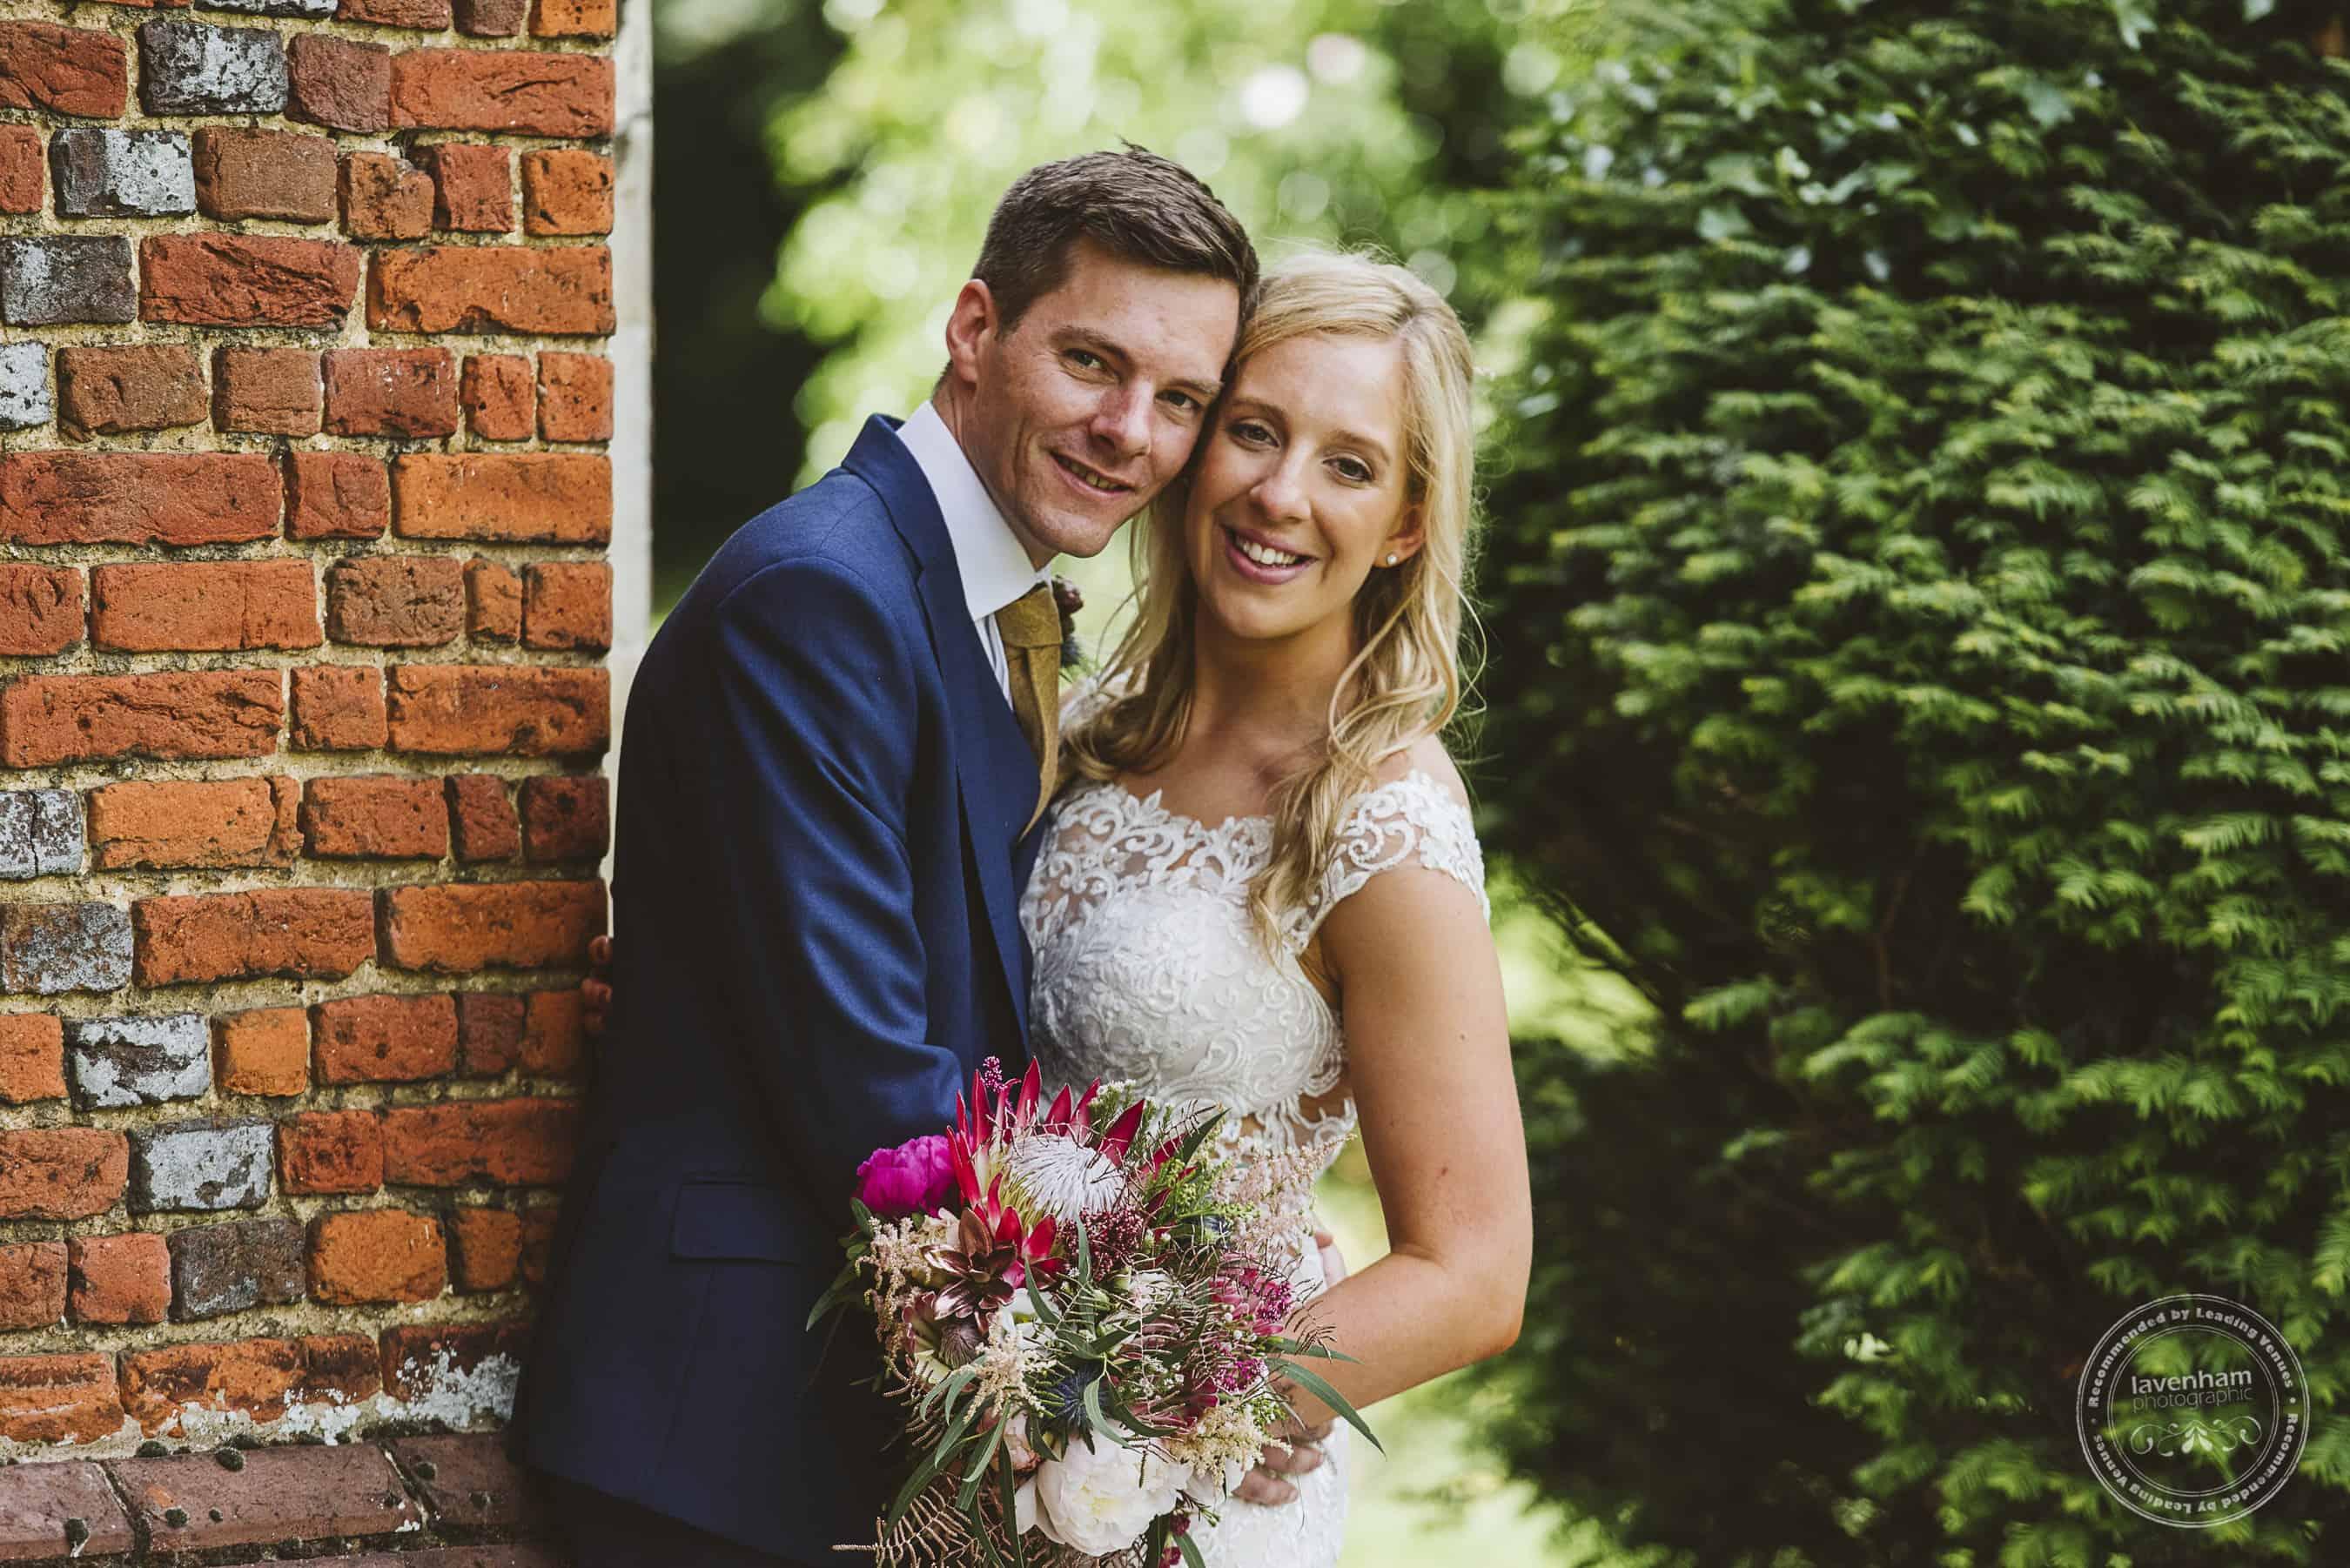 020618 Leez Priory Wedding Photography Lavenham Photographic 104